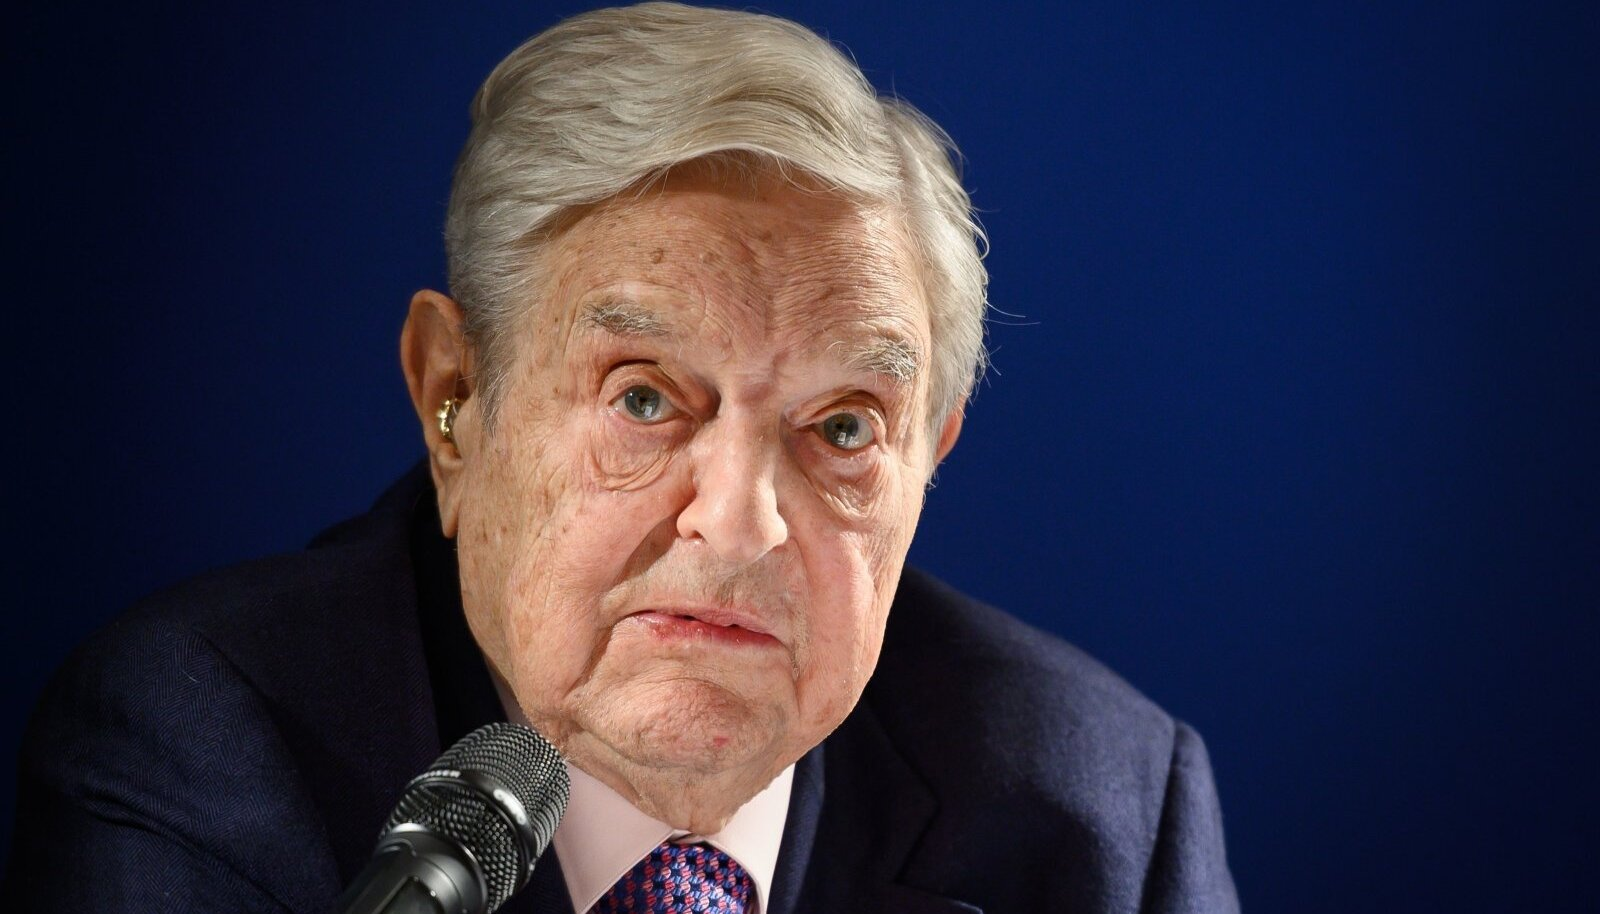 Rikas ja mõjuvõimas juut. Ainuüksi nendest omadustest piisab, et teha George Sorosest müstiline elukas, keda kasutada propagandas ja poliitilises retoorikas.